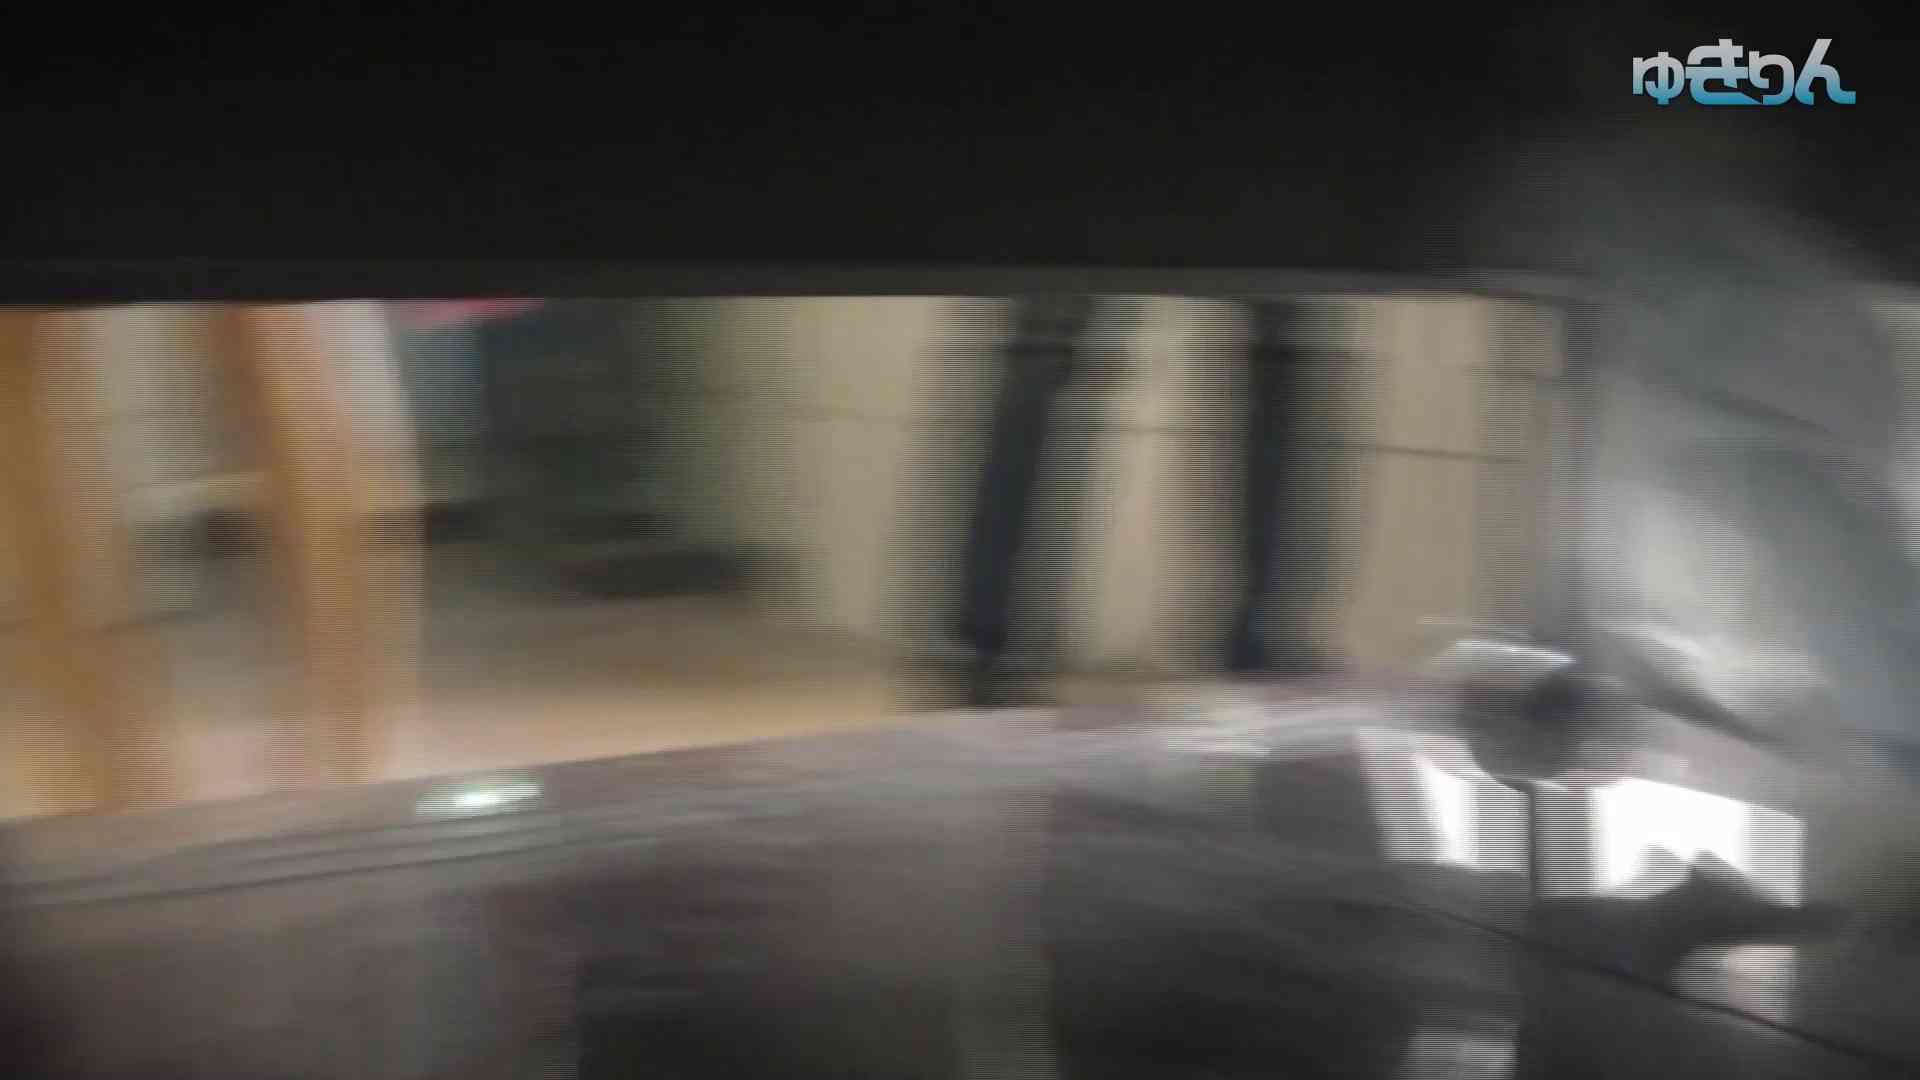 ステーション編 vol54 便秘のせいで長蛇の列、じっくり撮らせて頂きました OL | 0  25連発 12